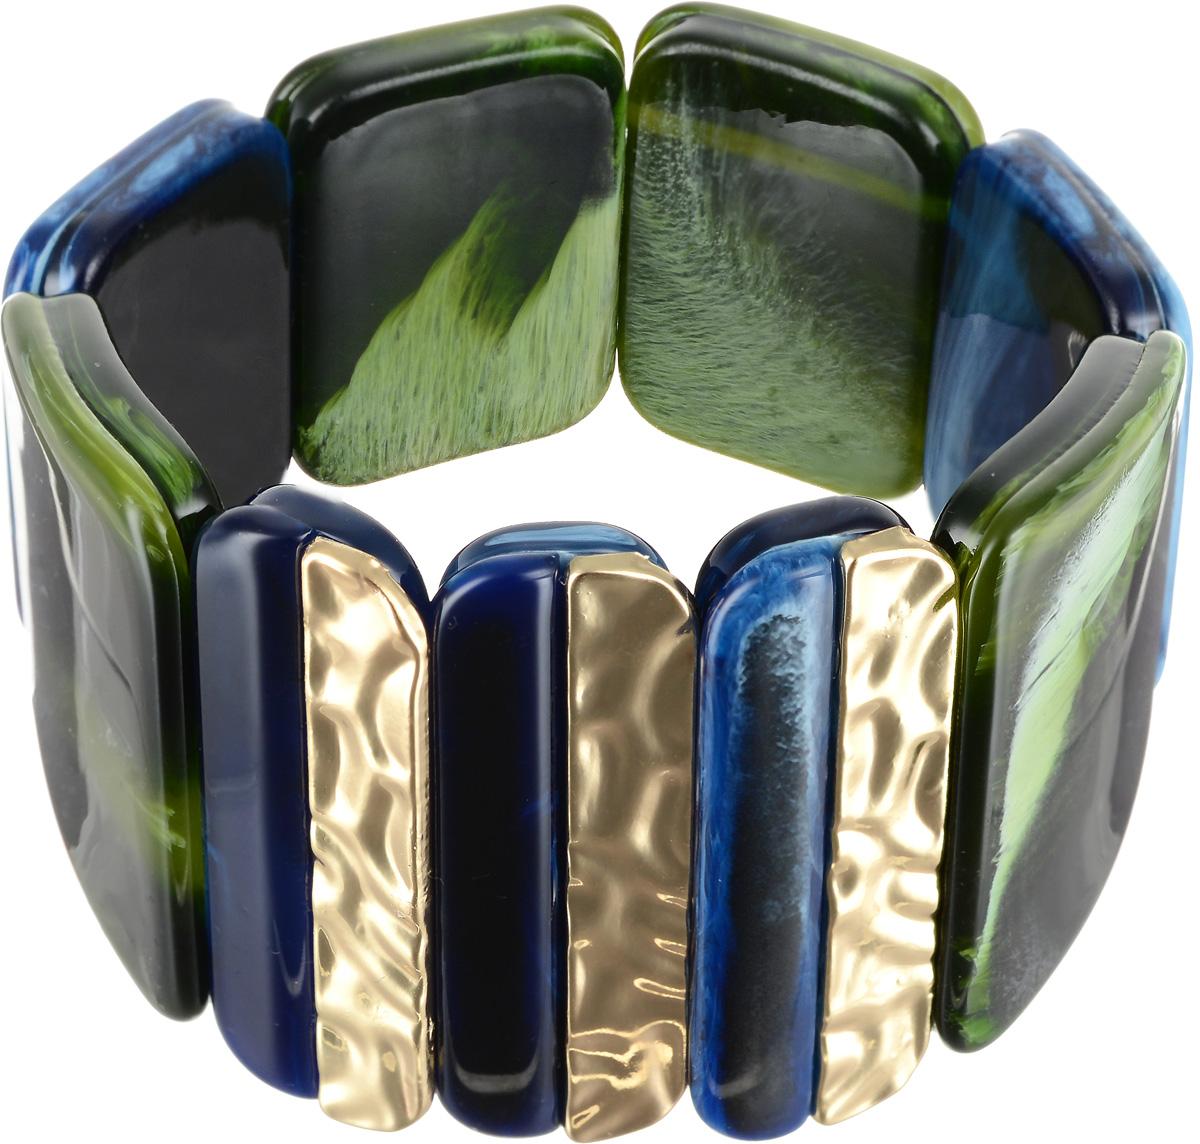 Браслет Selena Accenta, цвет: зеленый, золотистый, синий. 40060600Глидерный браслетБраслет Selena Accenta изготовлен из ацетата и латуни с гальваническим покрытием золотом. Объемная фактура больших плоских бусин на резинке делает женское запястье нежным и хрупким. Итальянский ацетат - это дорогой высококачественный полимер, широко применяемый в модной индустрии. Он обладает удивительной особенностью имитировать самые разные природные рисунки и фактуры. Коллекция Accenta - это гимн современности! Модели выполнены в стиле элегантный кэжуал и глэм-рок, они органично впишутся в образ и молодых девушек, и взрослых женщин, чьи взгляды на моду свежи и открыты новому. Все украшения Accenta комплектуются между собой и создают гармоничный ансамбль. Украшения можно носить в любое время года, они уместны на празднике, на прогулке и на работе.